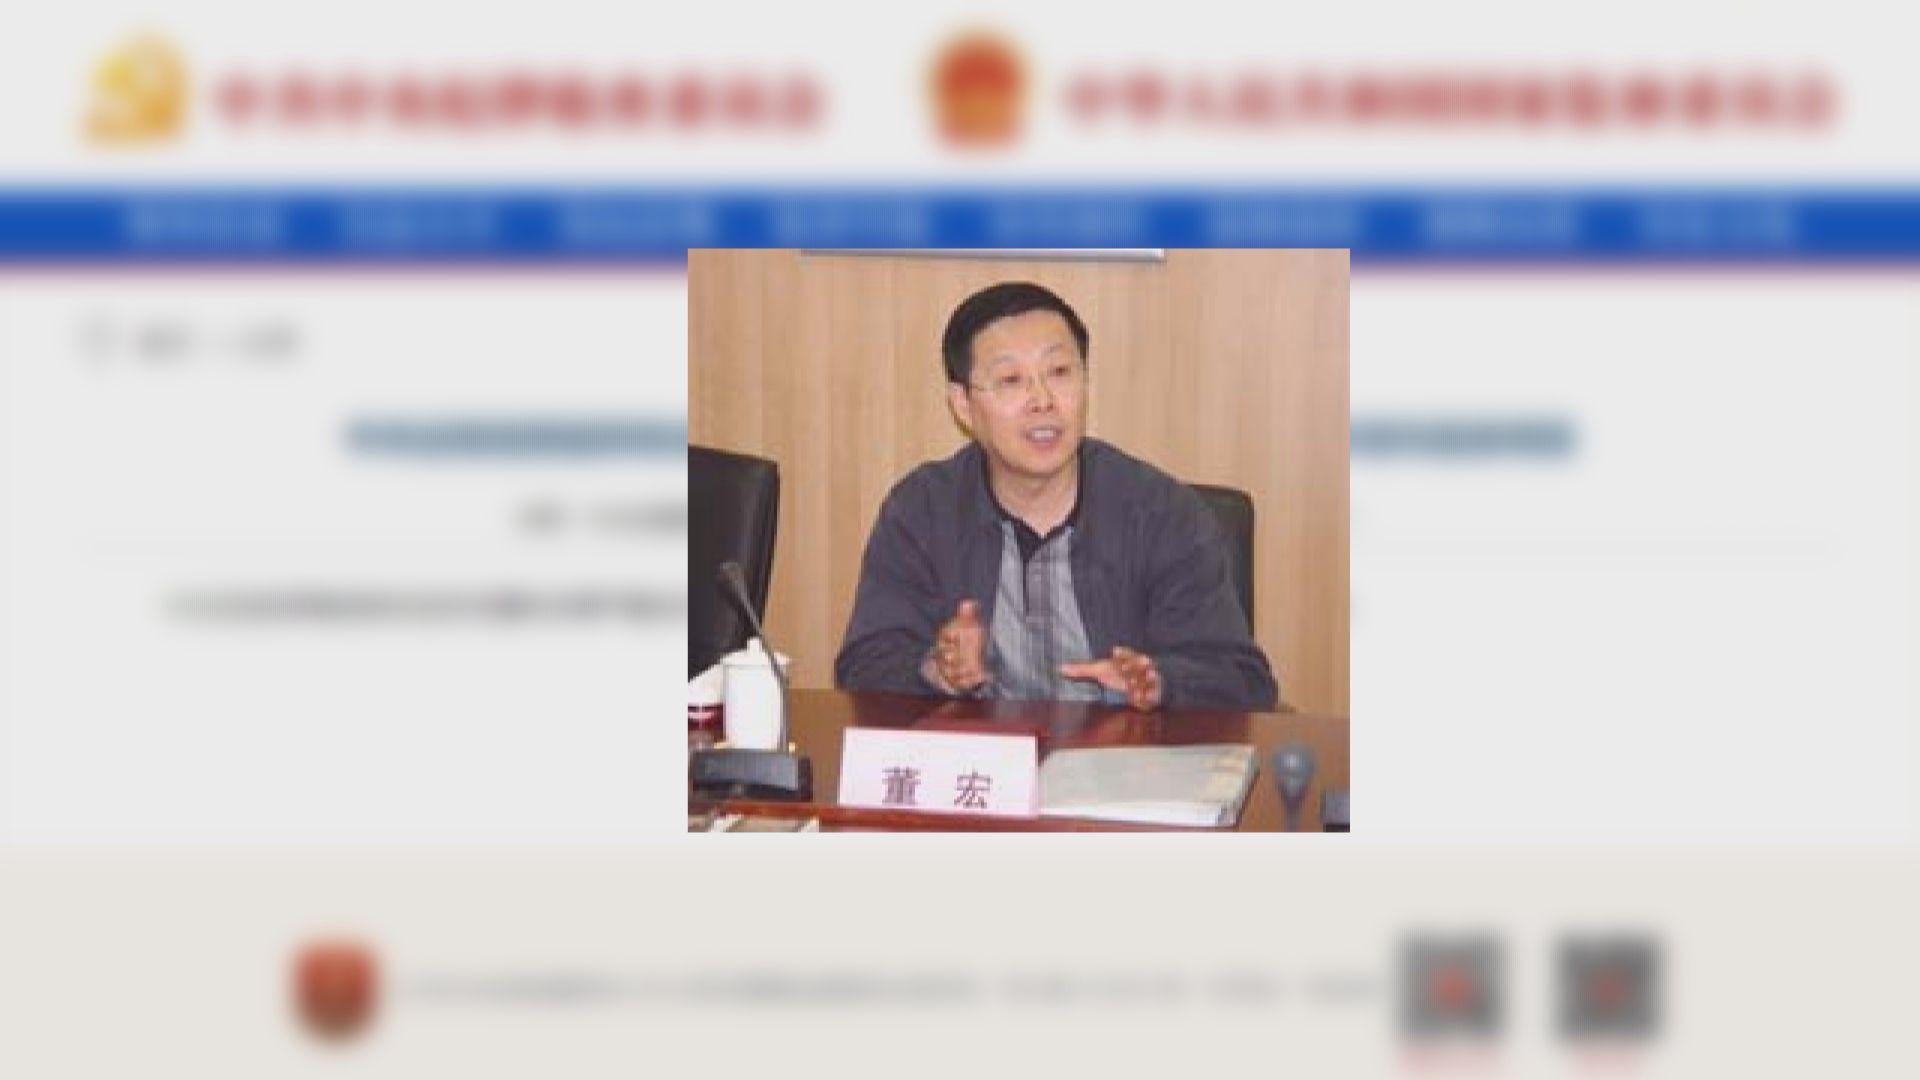 中央巡視組原副部級巡視專員董宏涉違紀違法